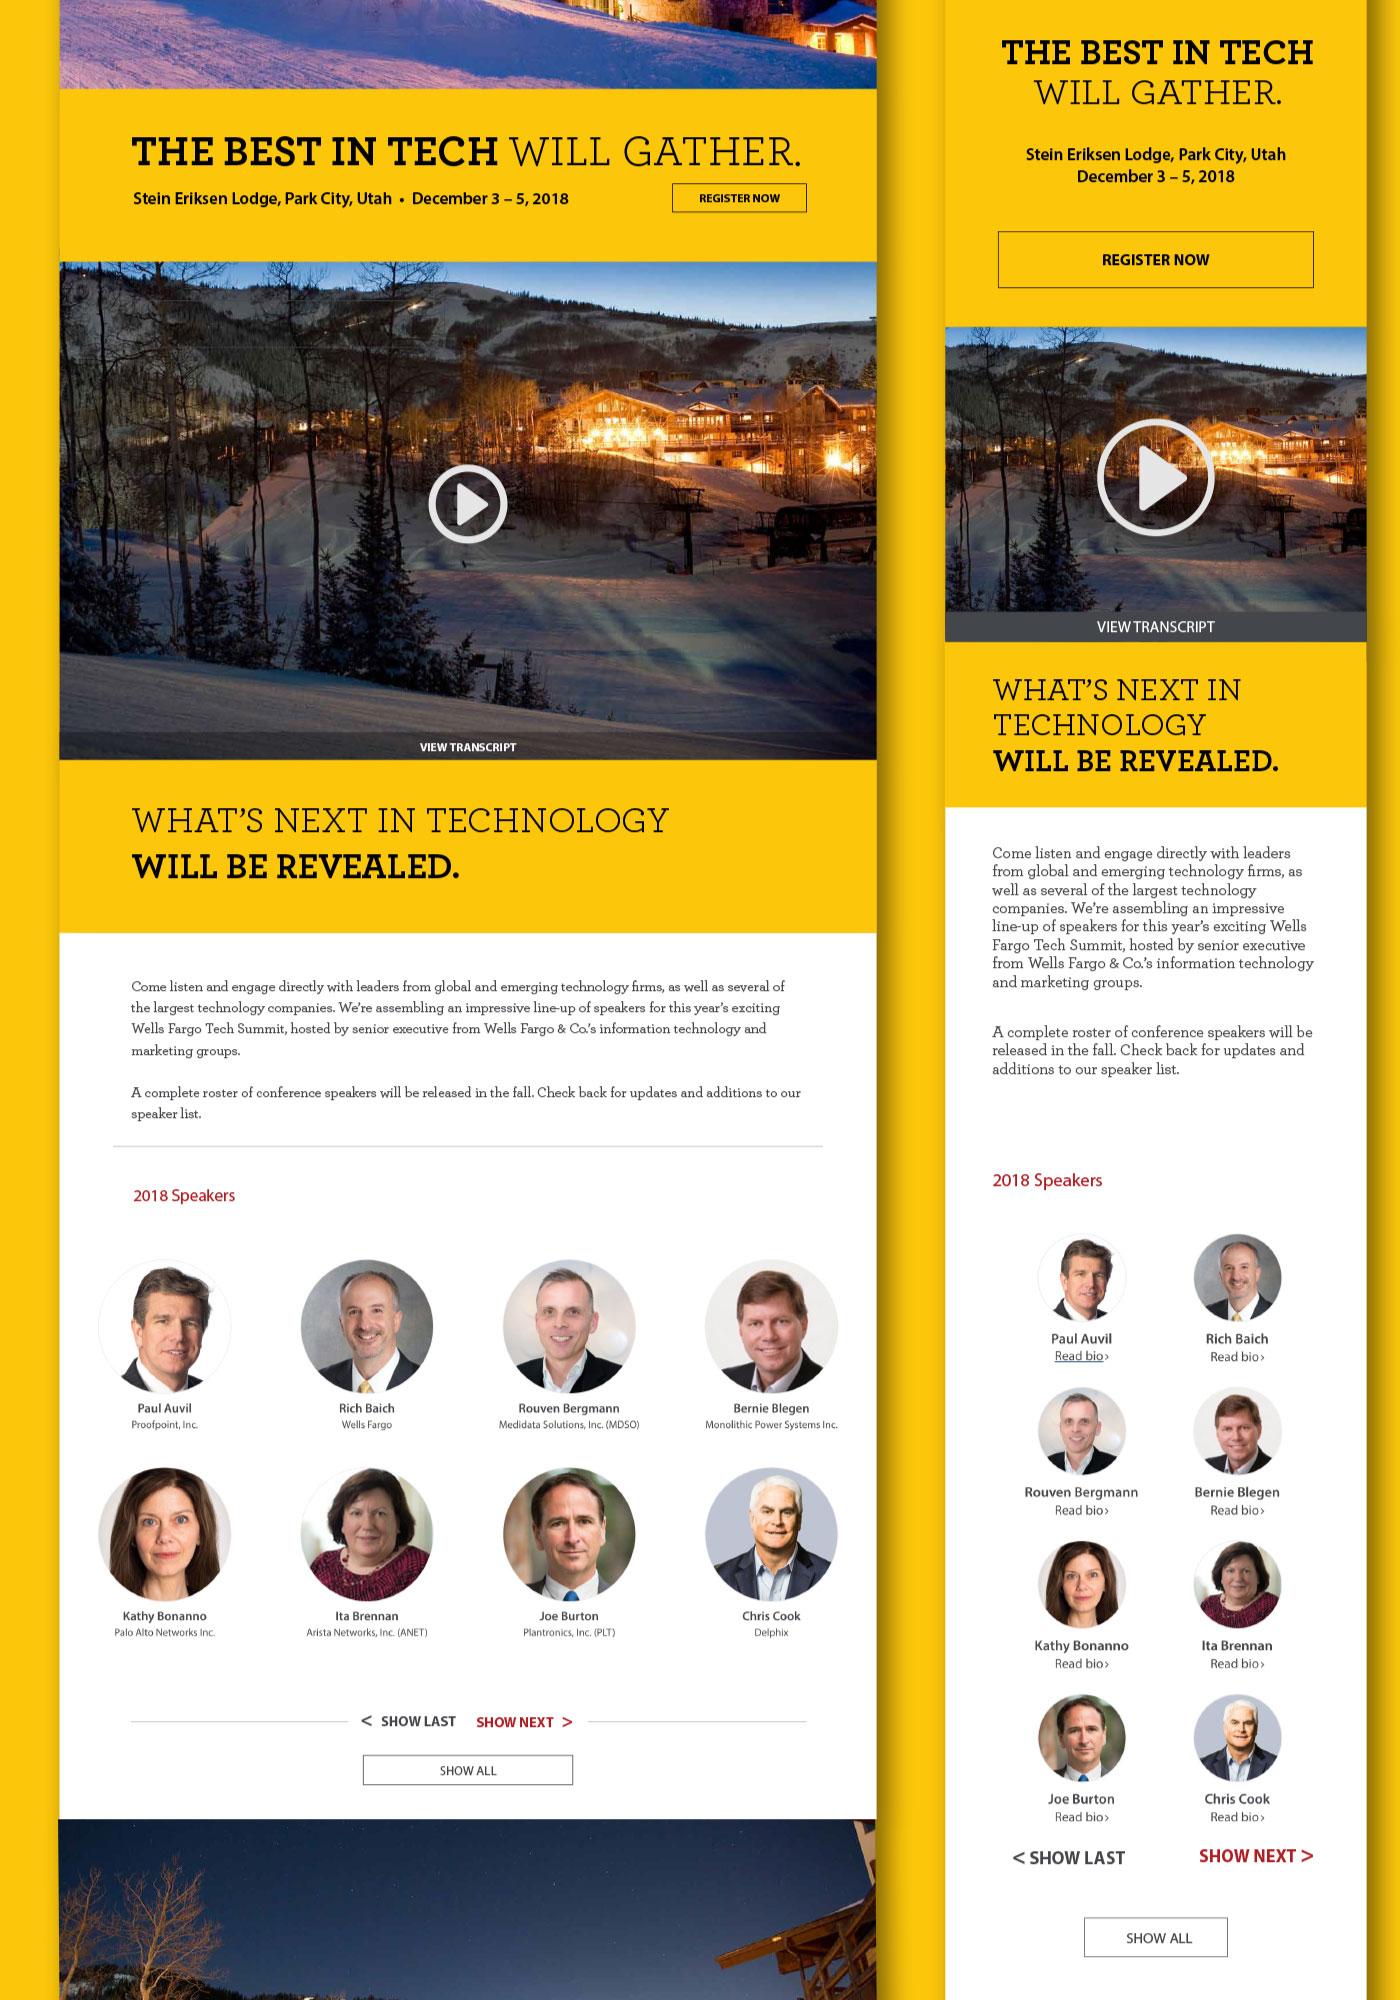 Wells Fargo Tech Summit website mockup shown in desktop and mobile view